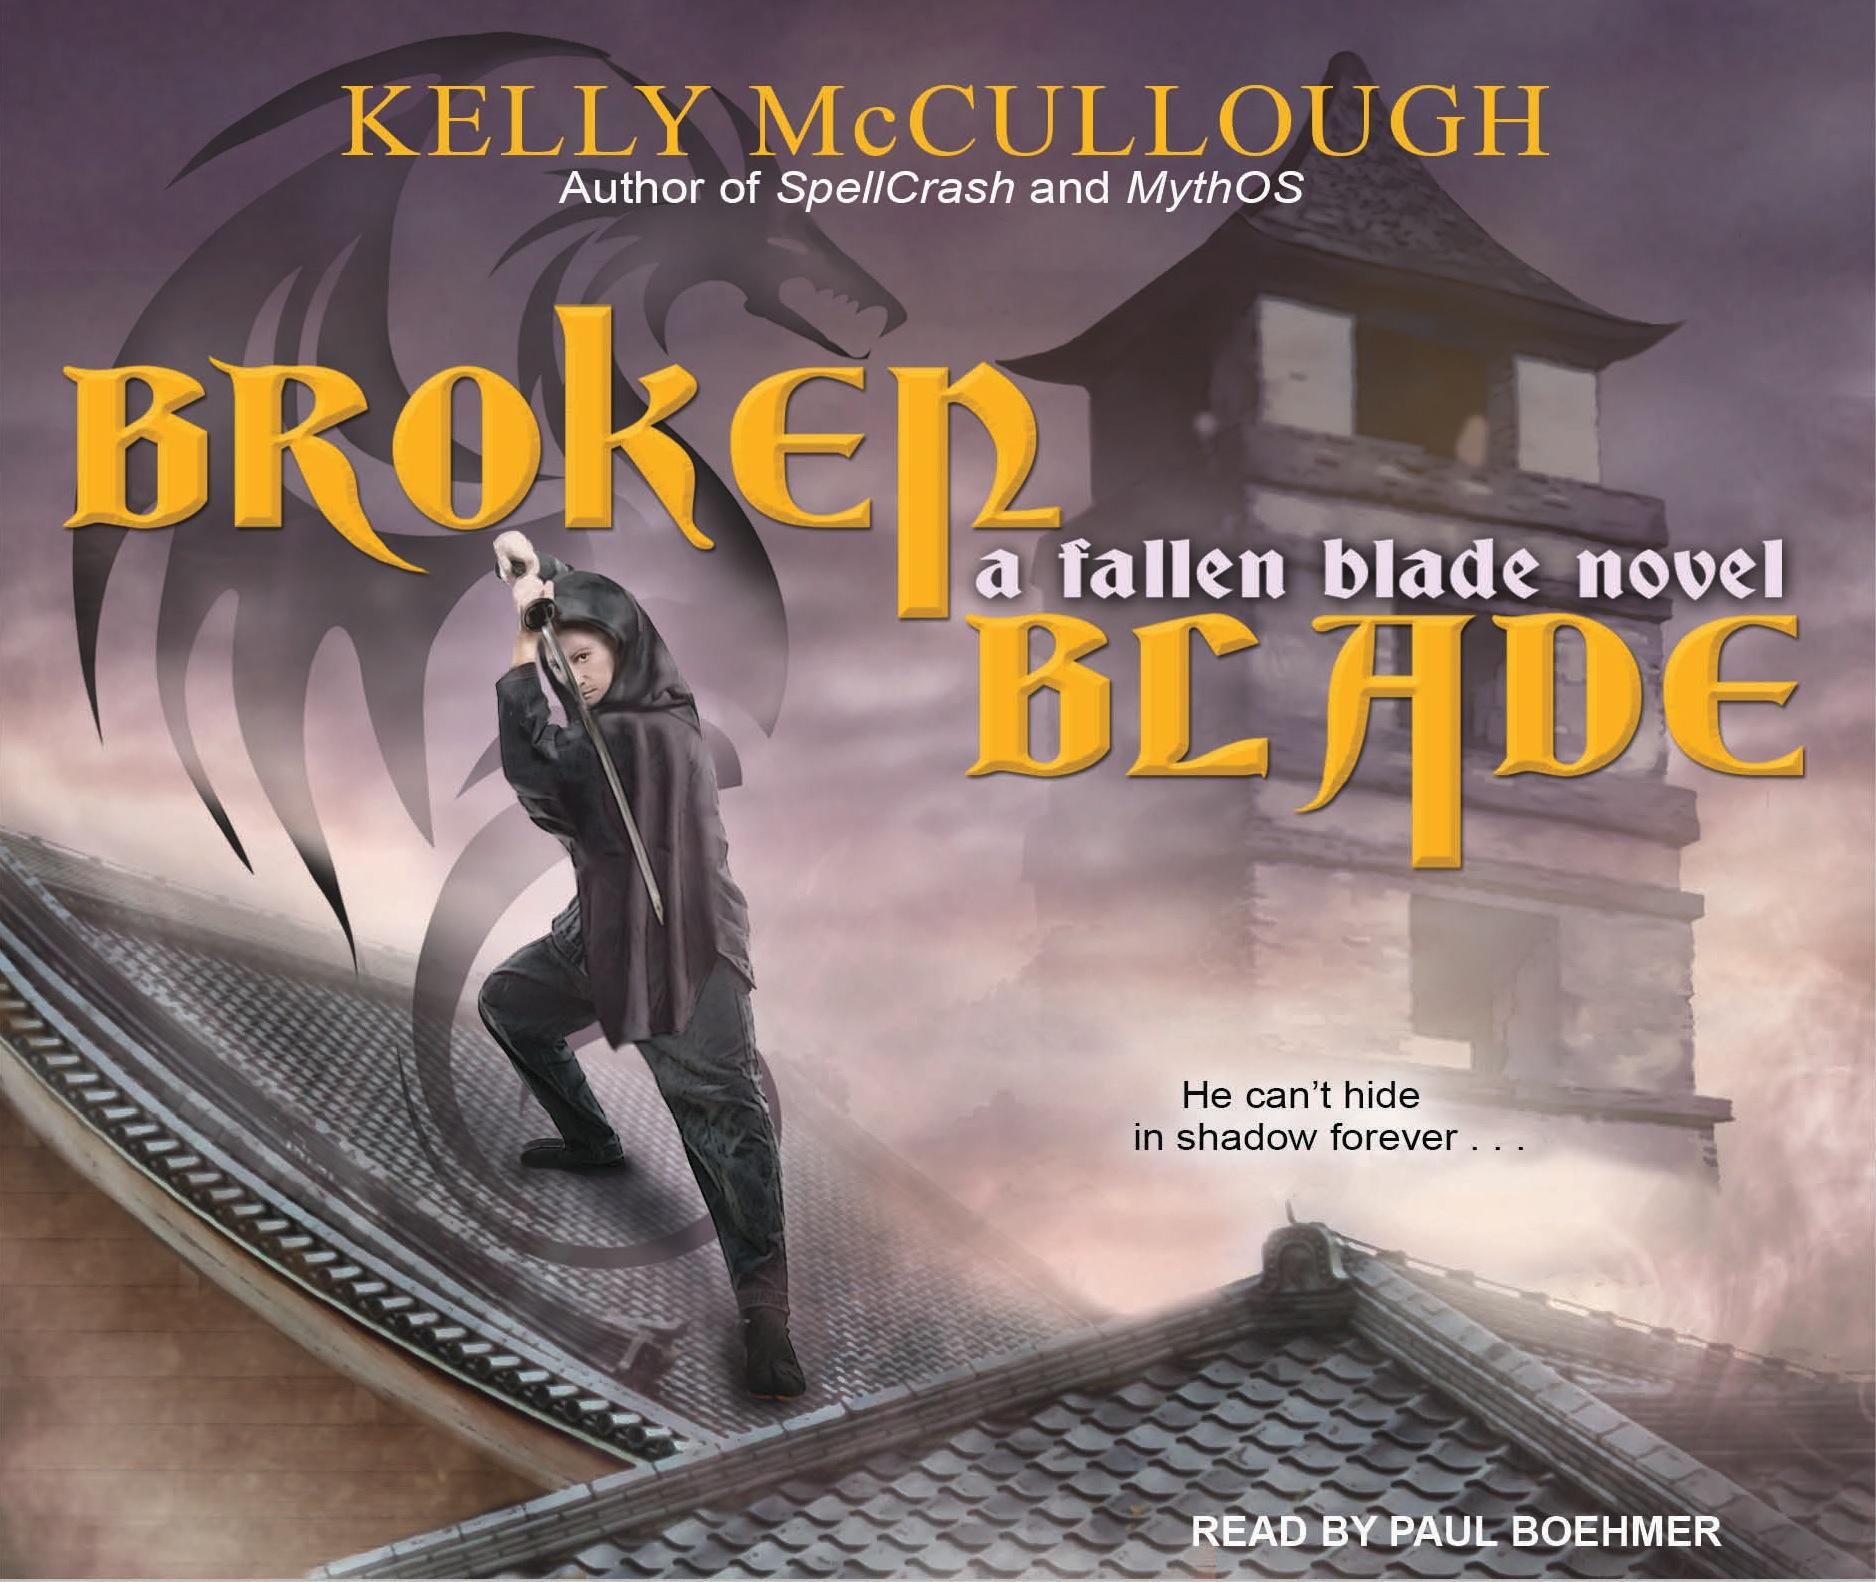 BrokenBladeAudio